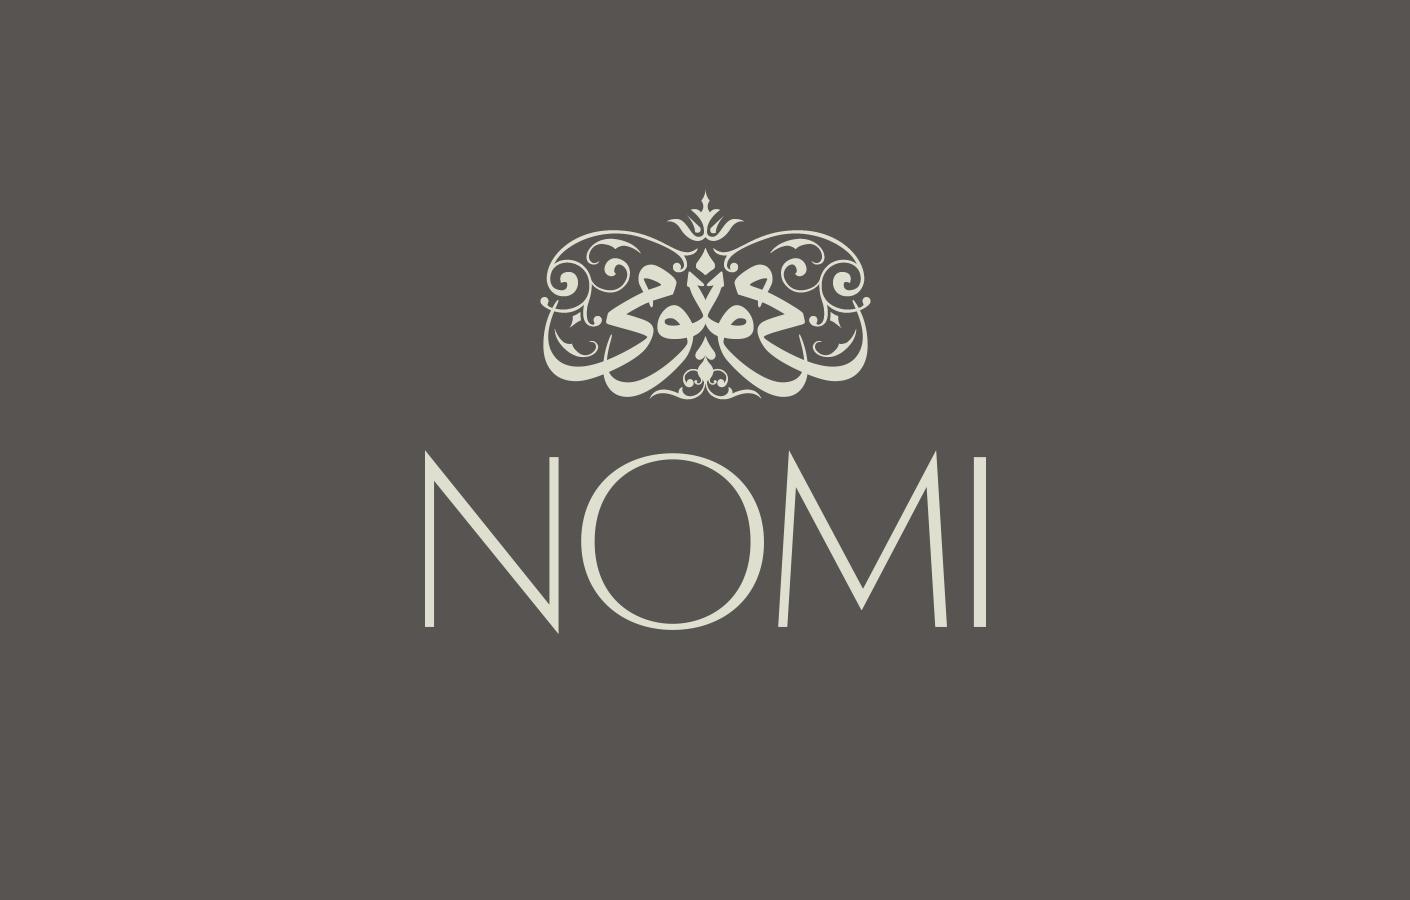 nomi-main